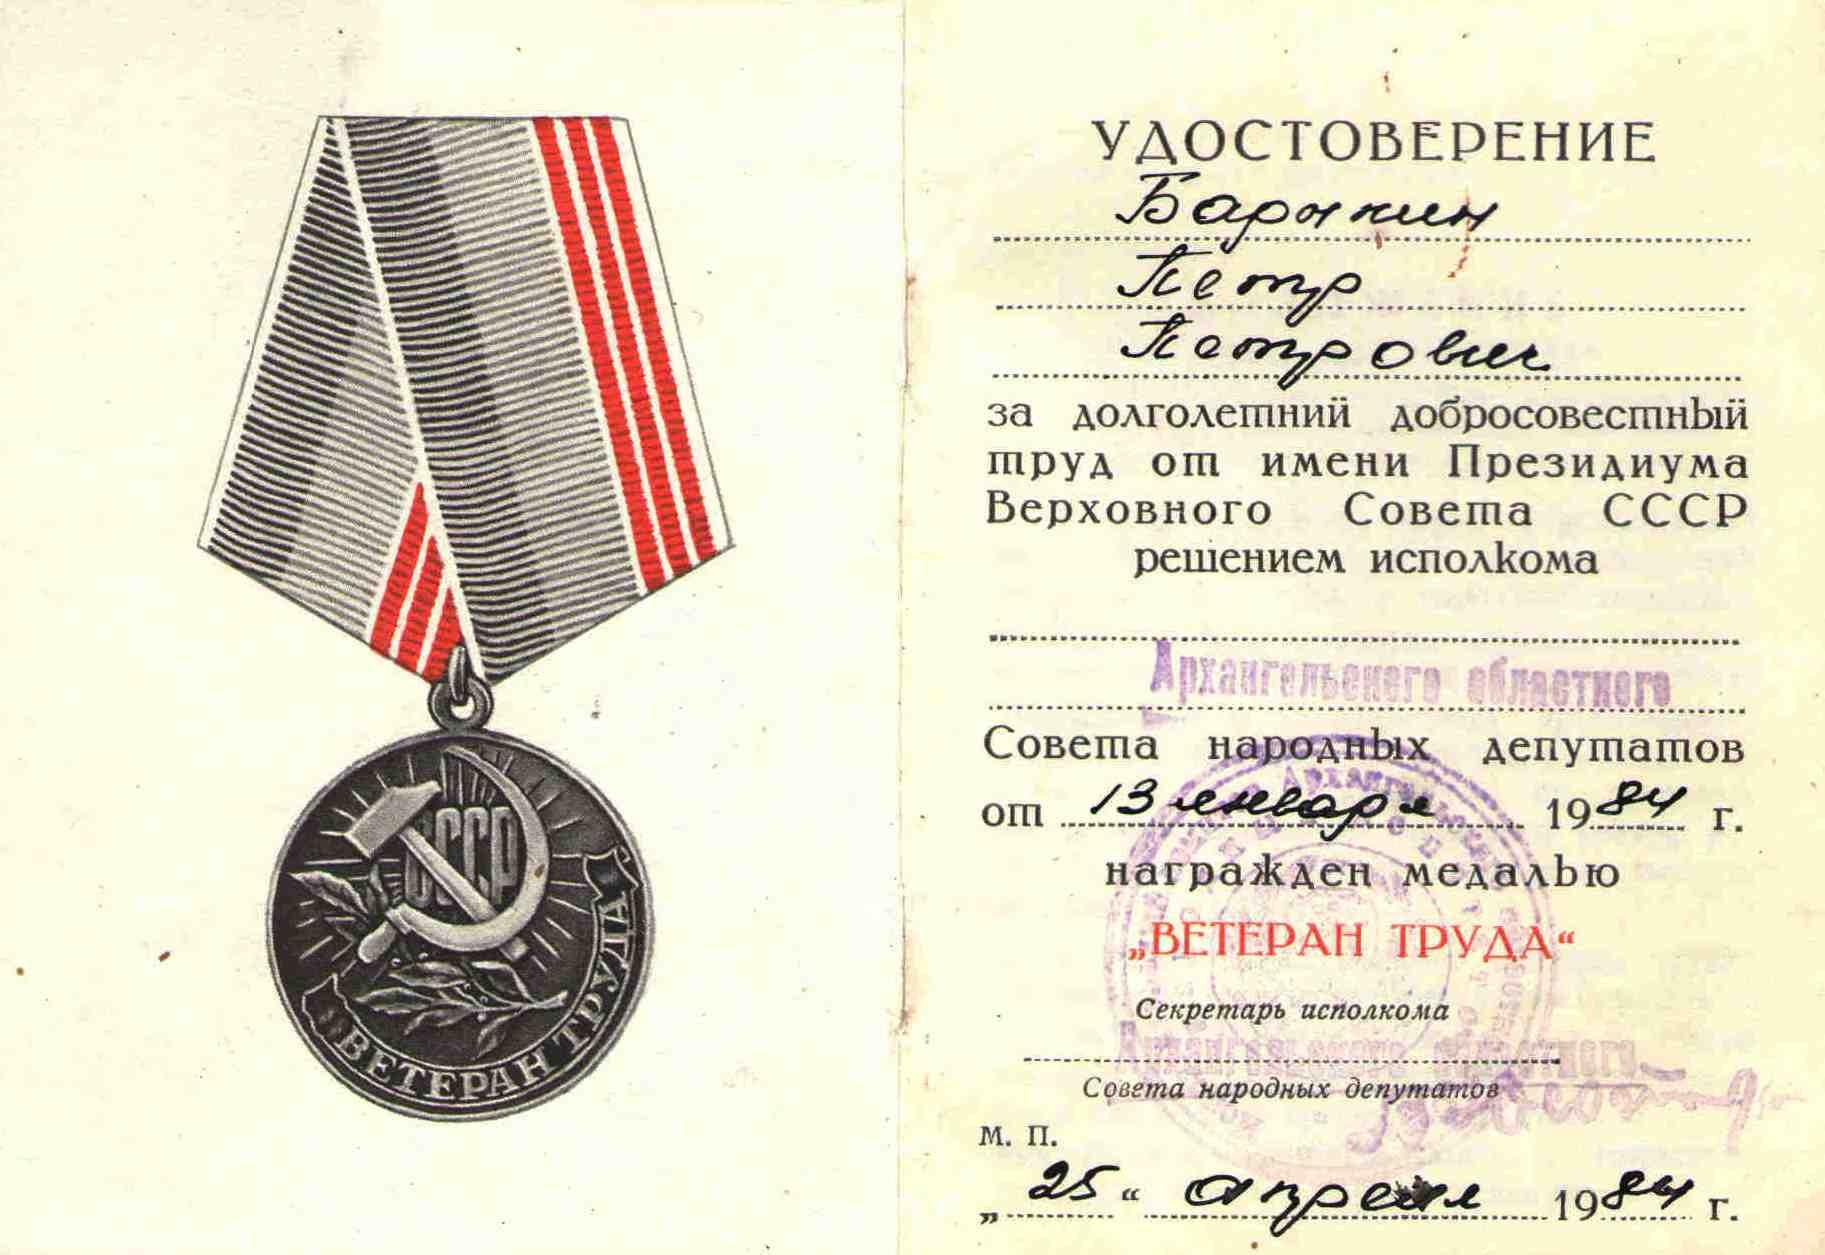 108. Удостоверение к медали Ветеран труда, Барыкин ПП, 1984